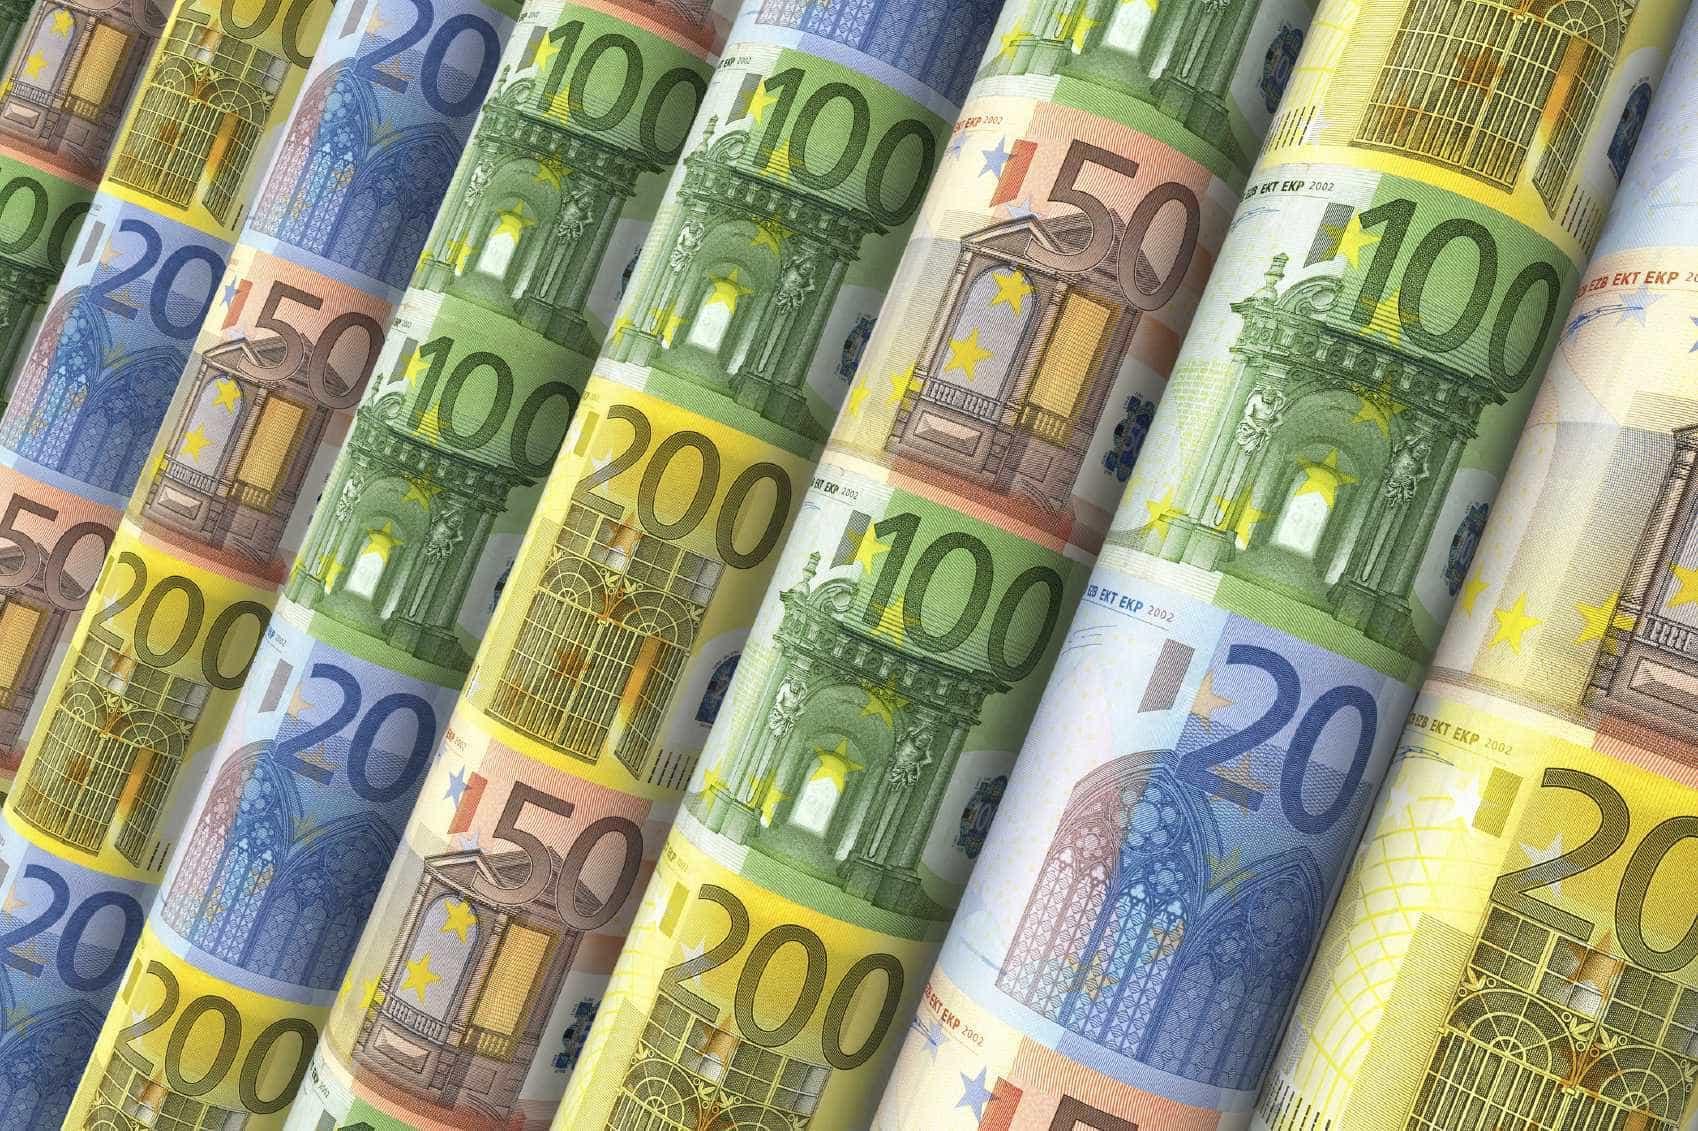 DGArtes abre concurso de 190 mil euros para apoio a projetos